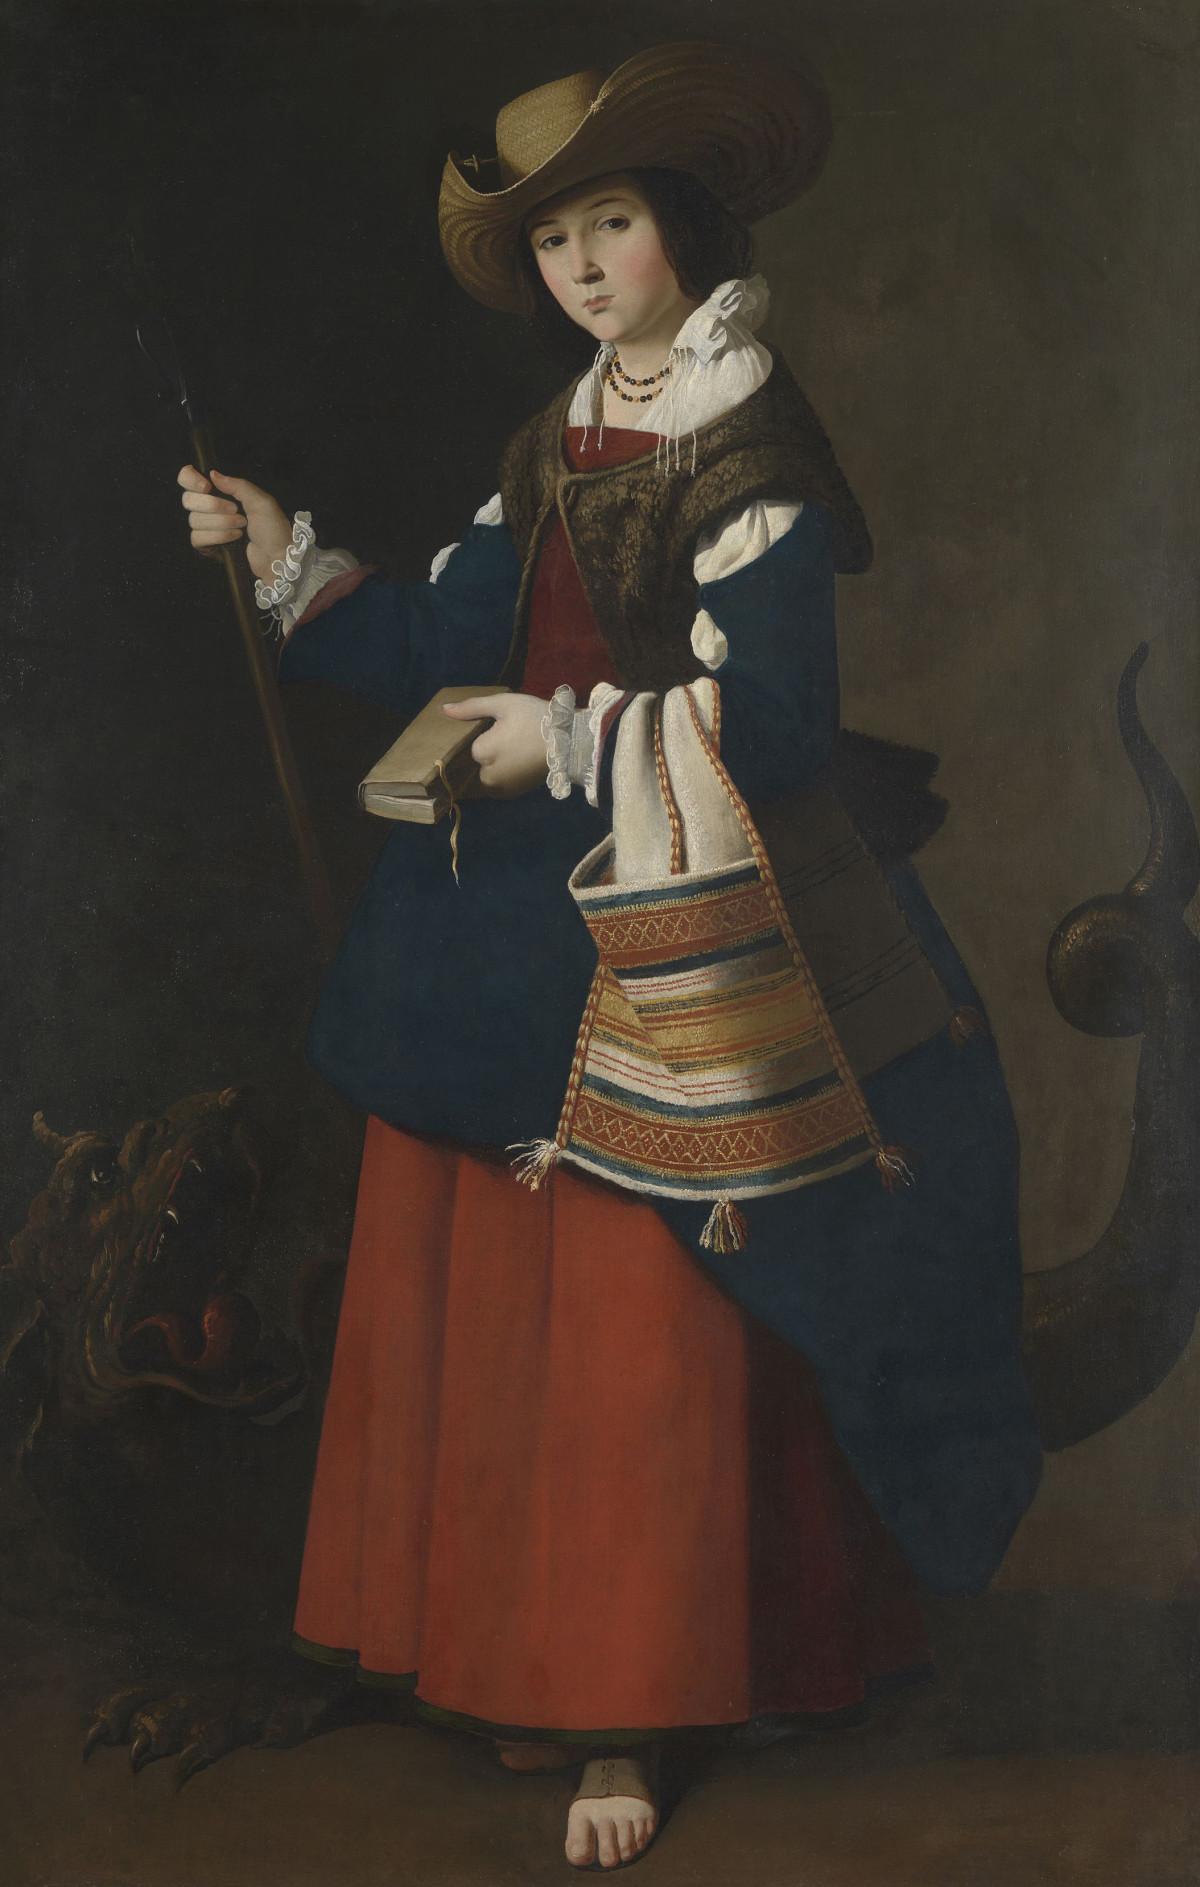 Francisco de Zurbarán: Heilige Margareta von Antiochien, 1630-34, © The National Gallery, London